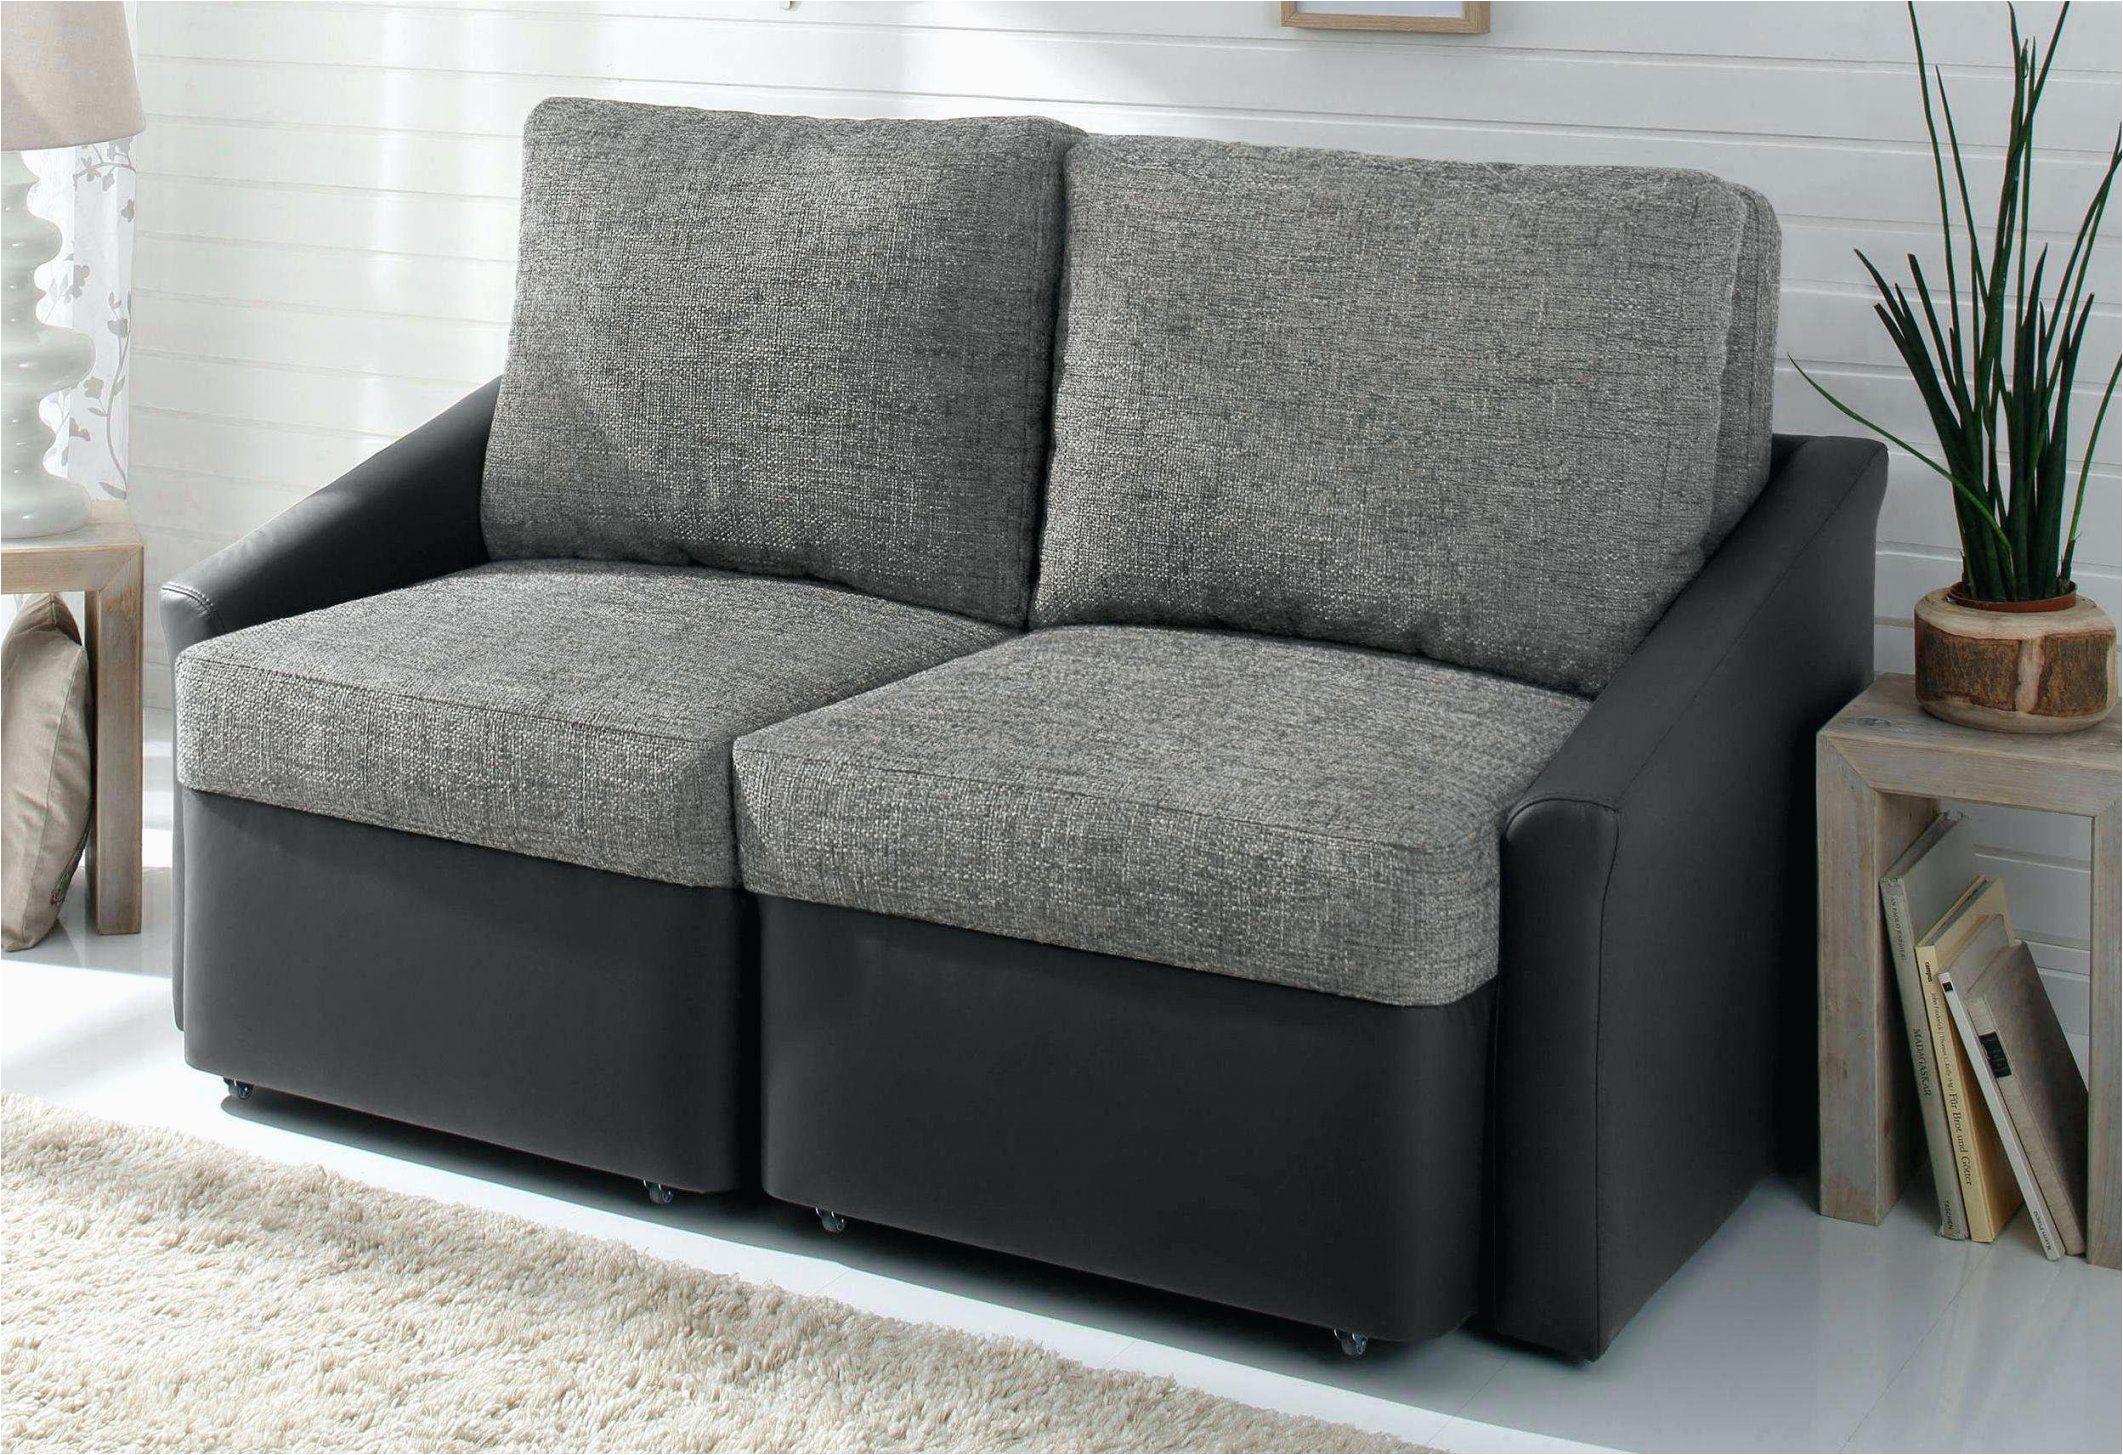 Pocco Schlafsofa 3 Sitzer sofa Poco sofa 2 Sitzer Mit Schlaffunktion Von 2